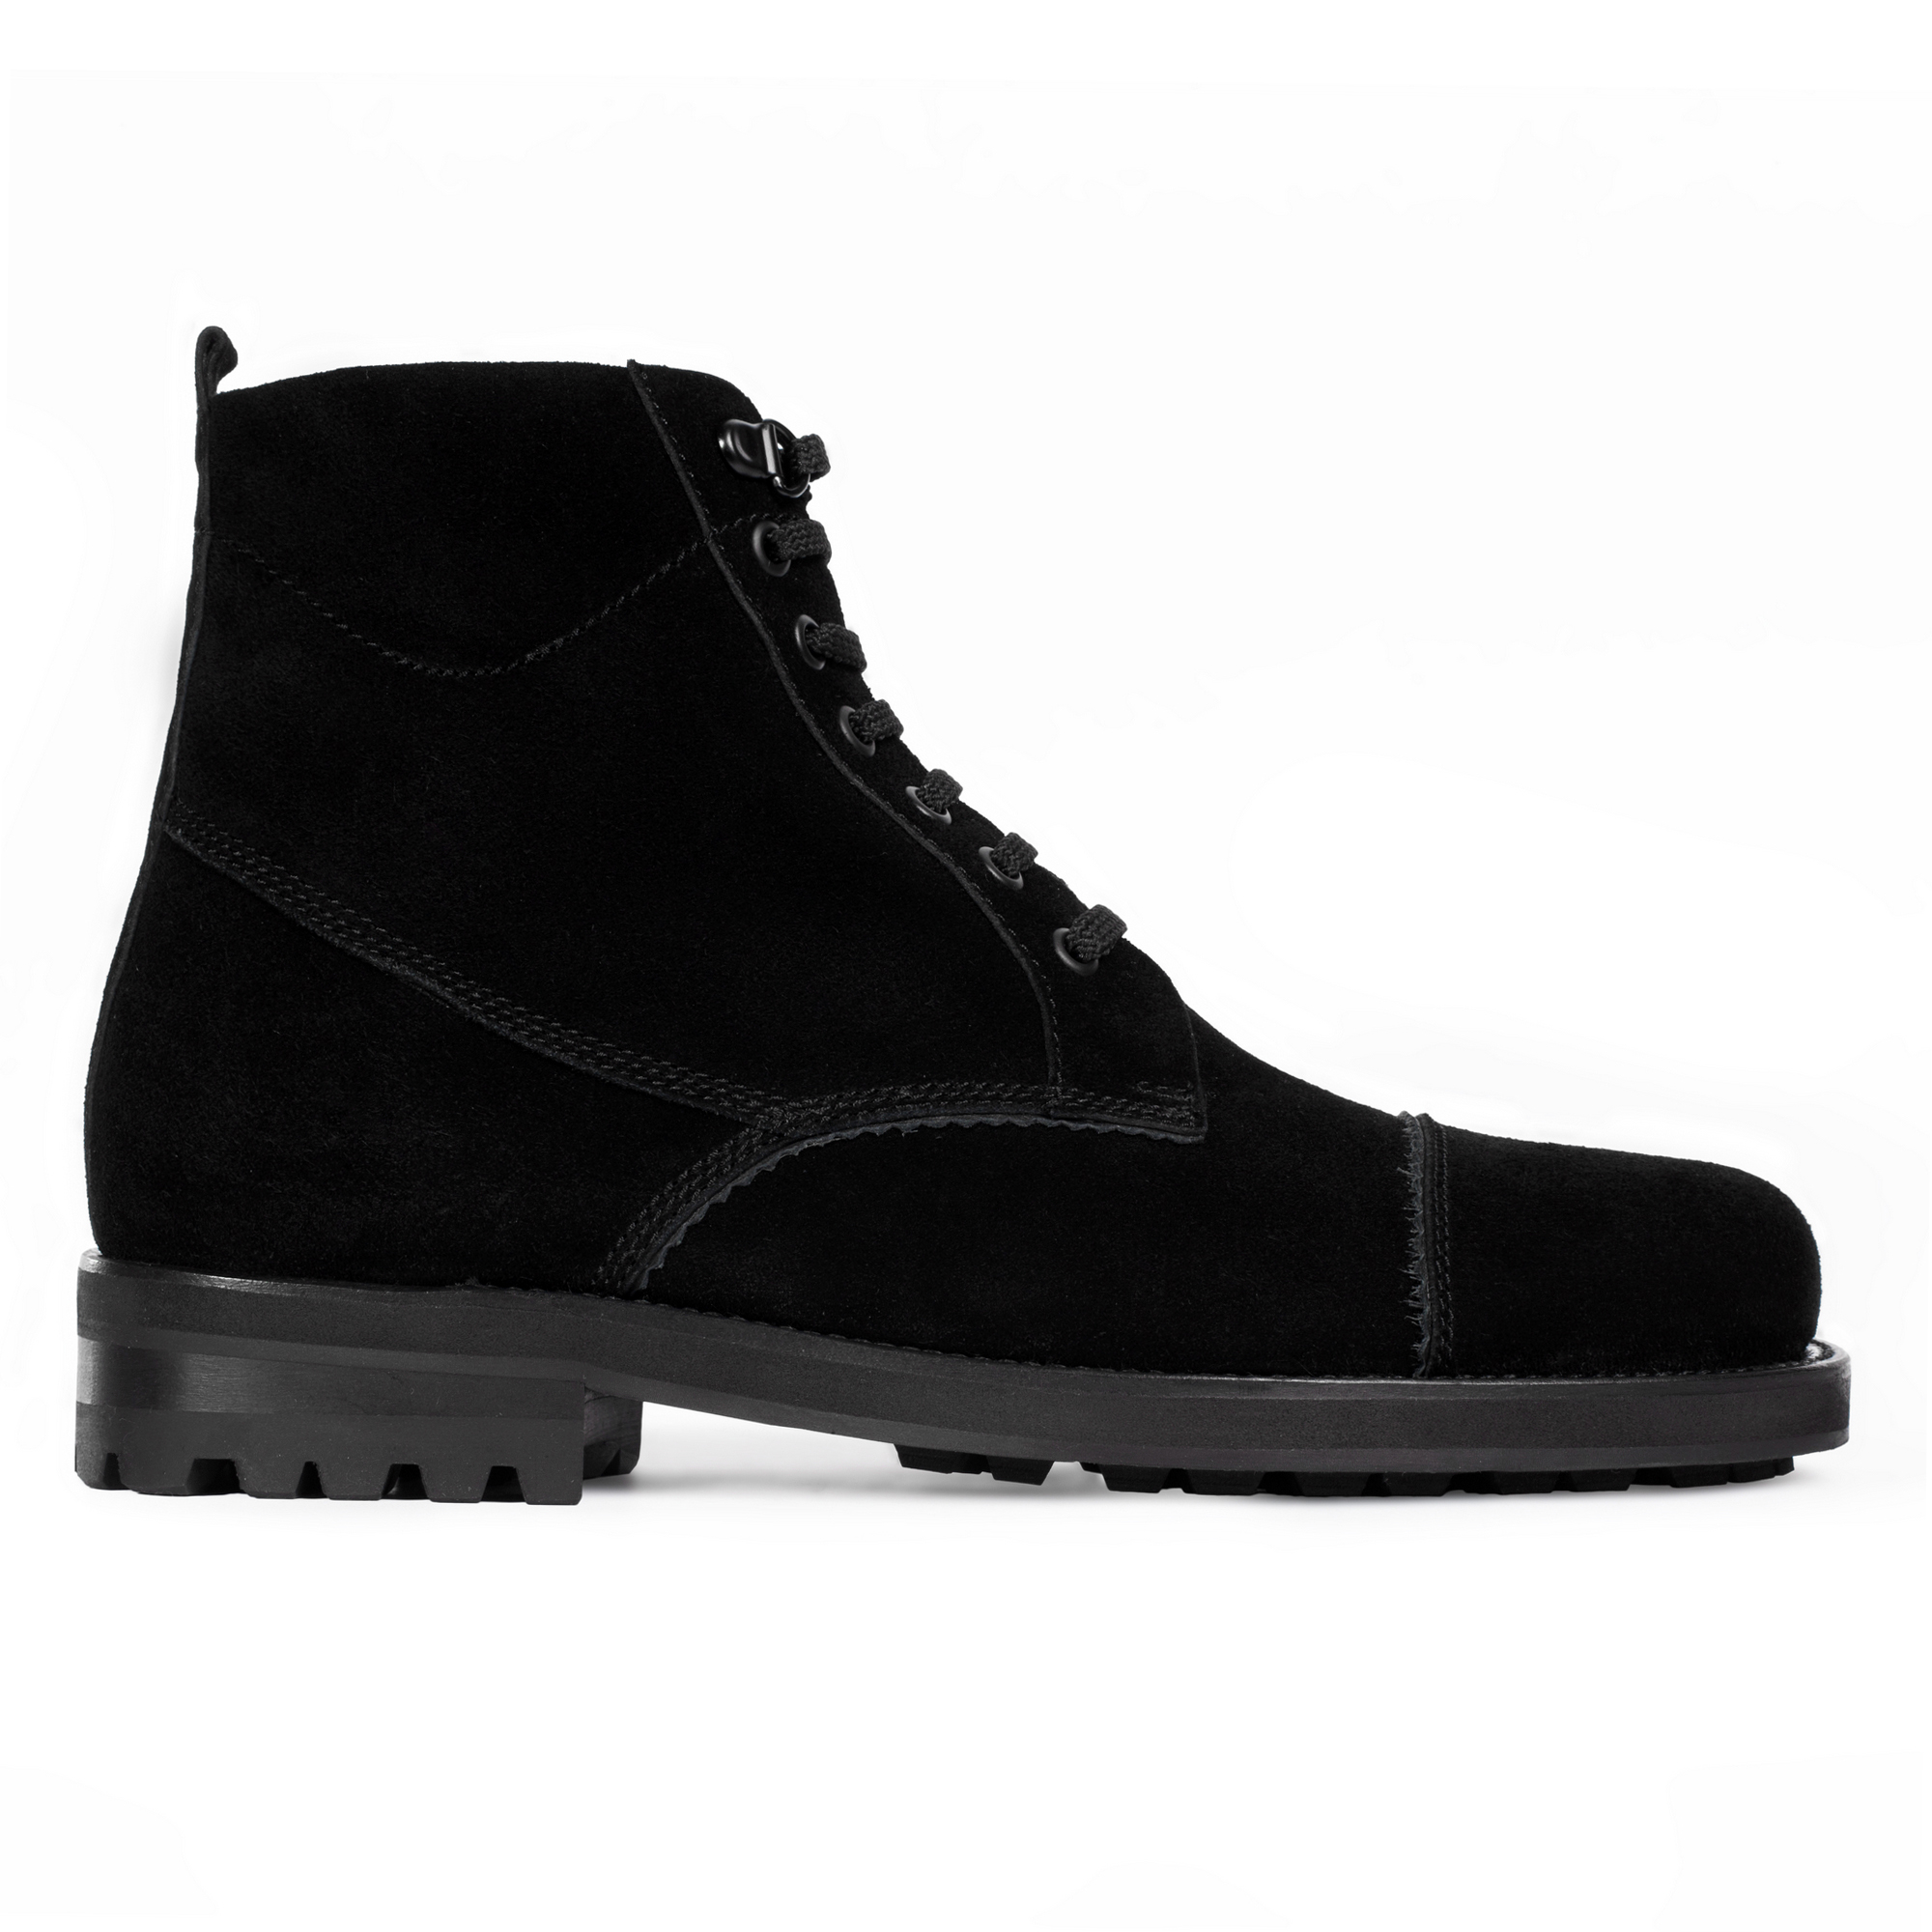 Высокие ботинки из замши черного цвета со шнуровкой на мехуБотинки мужские<br><br>Материал верха: Замша<br>Материал подкладки: Мех<br>Материал подошвы: Полиуретан<br>Цвет: Черный<br>Высота каблука: 2 см<br>Дизайн: Италия<br>Страна производства: Китай<br><br>Высота каблука: 2 см<br>Материал верха: Замша<br>Материал подкладки: Мех<br>Цвет: Черный<br>Пол: Мужской<br>Вес кг: 0.90000000<br>Размер: 41